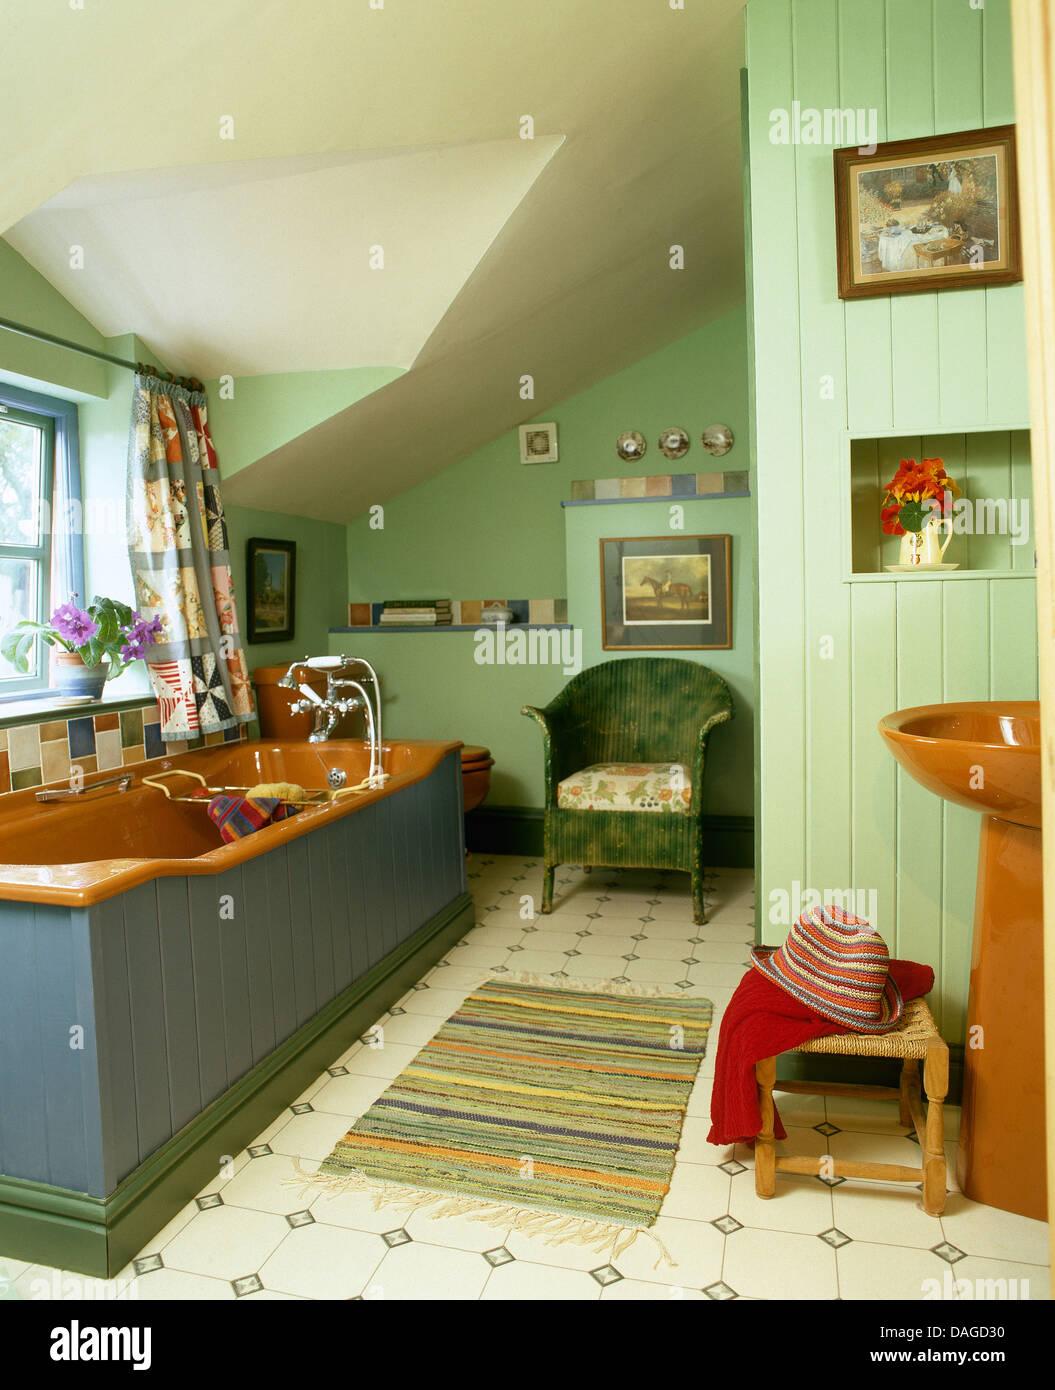 Couleur Vert Salle De Bain bain de couleur terre cuite et d'un lavabo en vert pâle